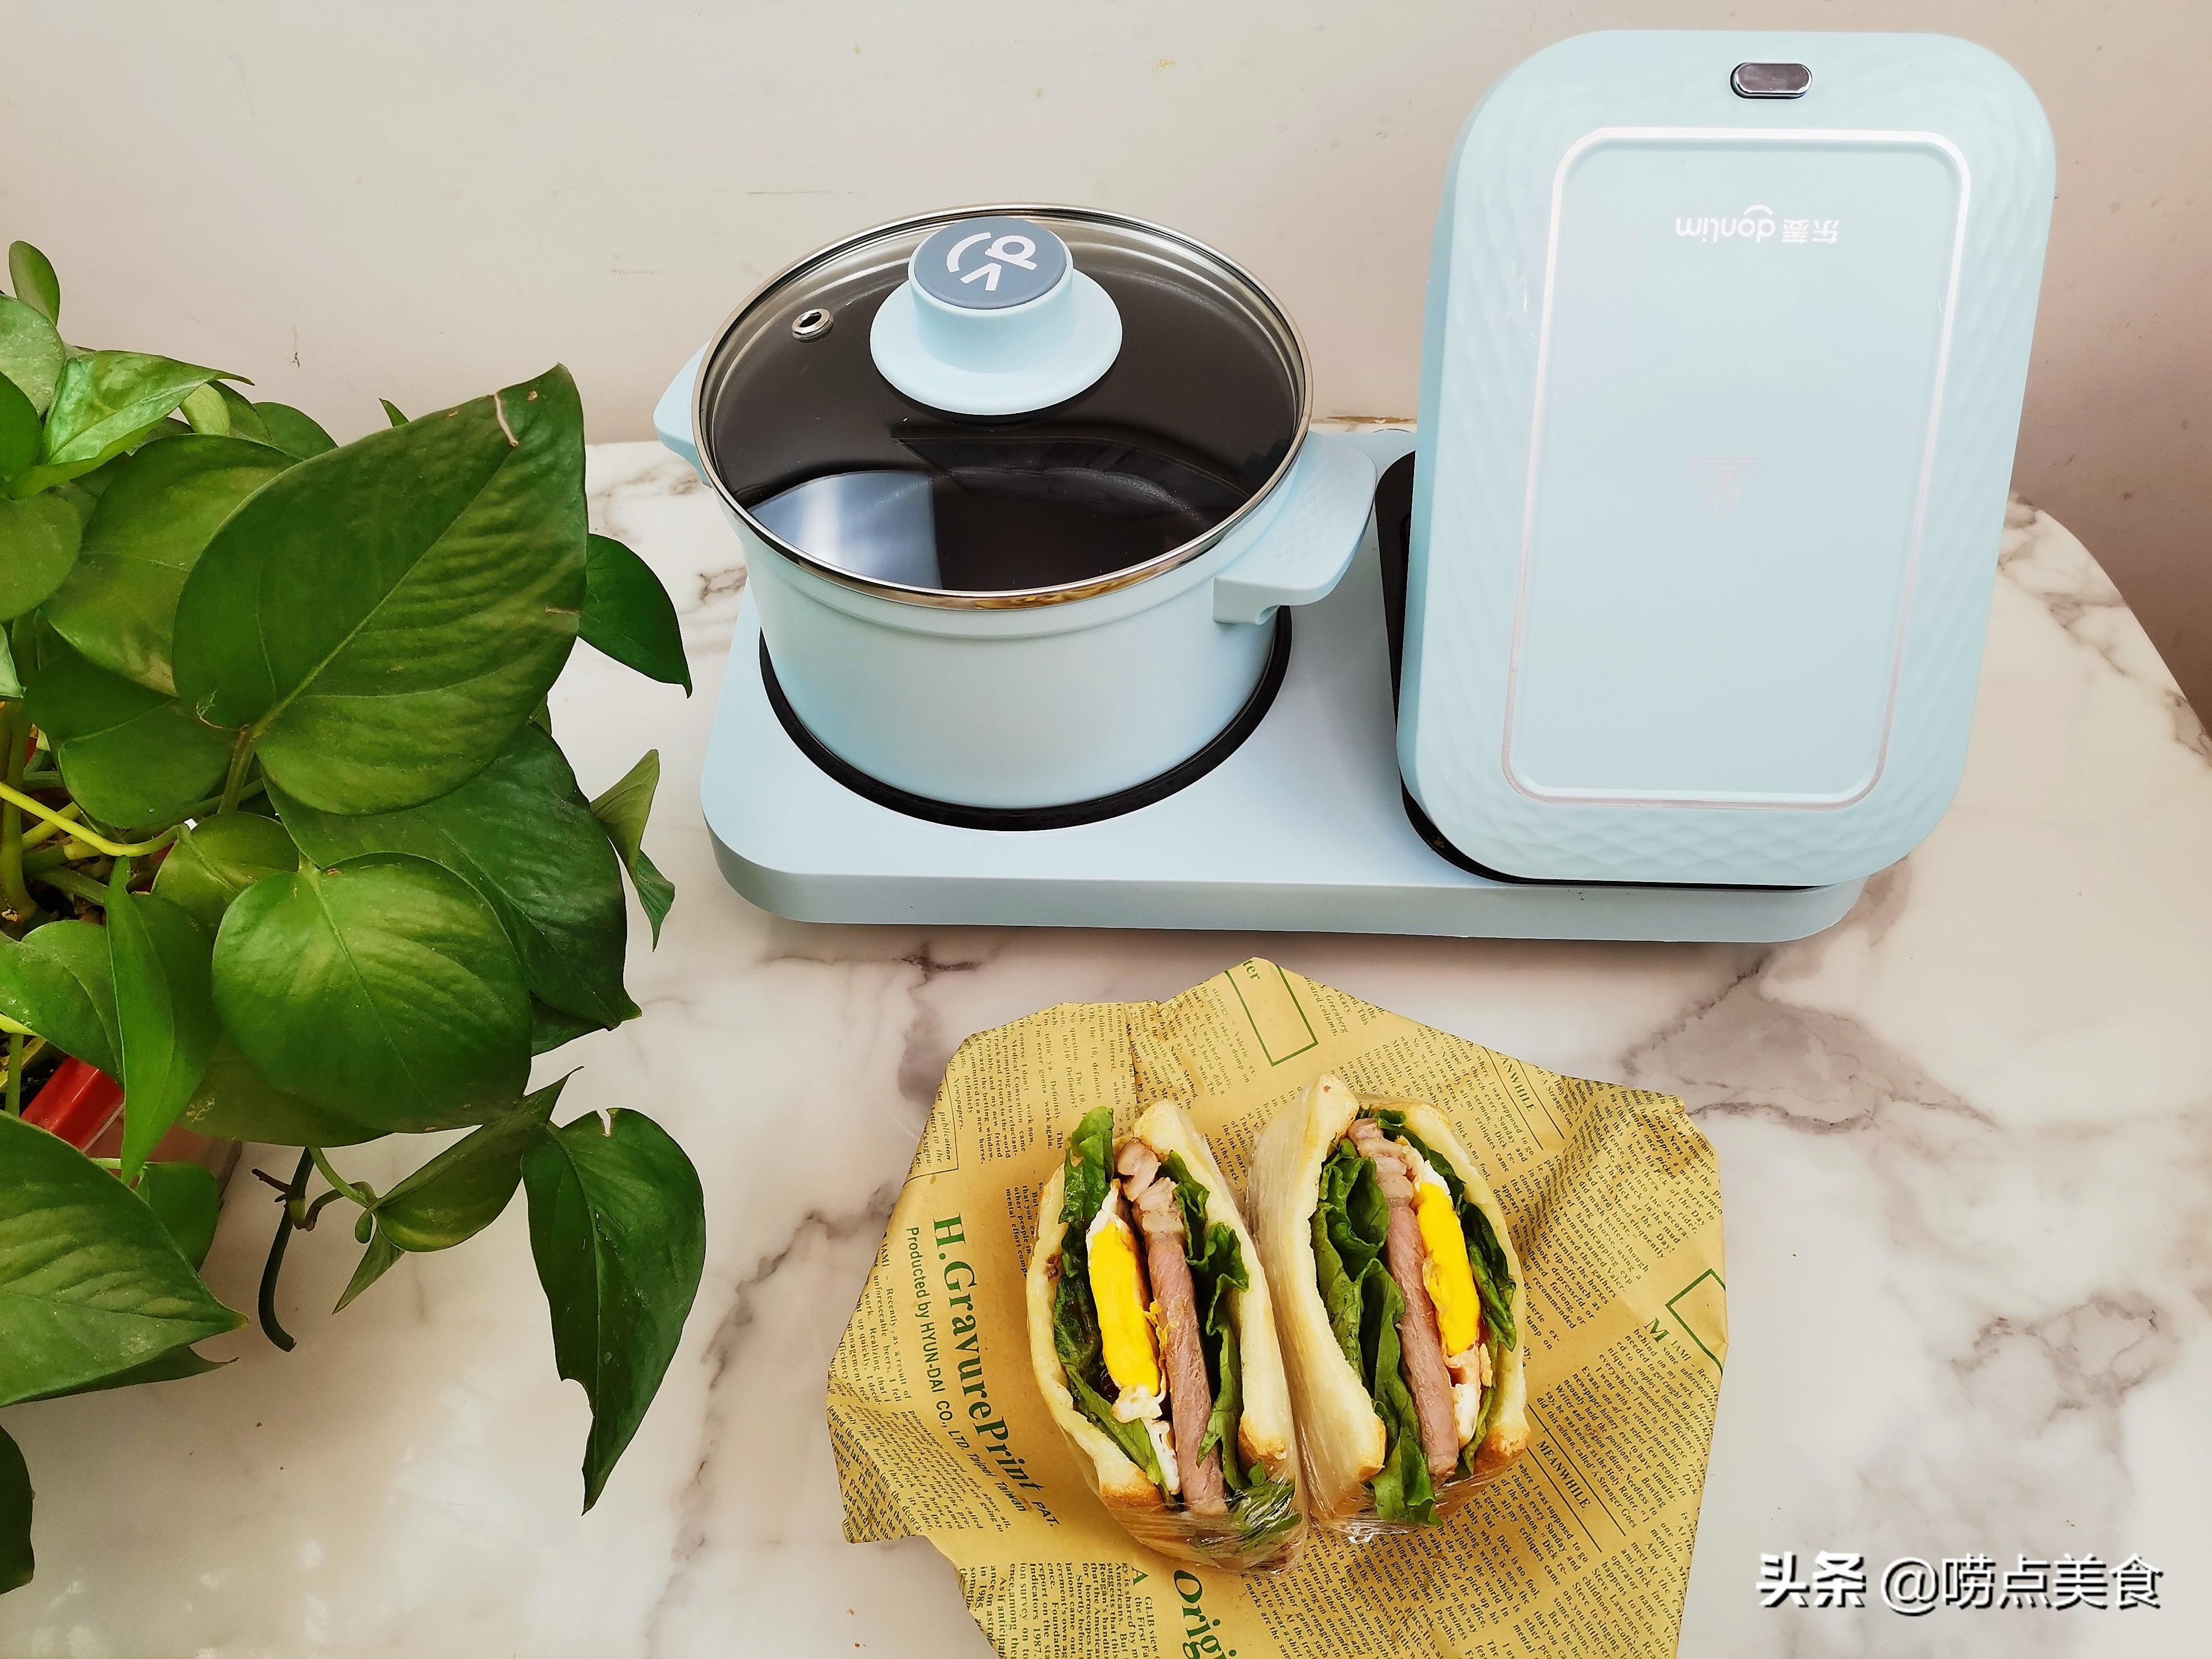 美式早餐牛肉三明治怎么做 各地小吃 第8张